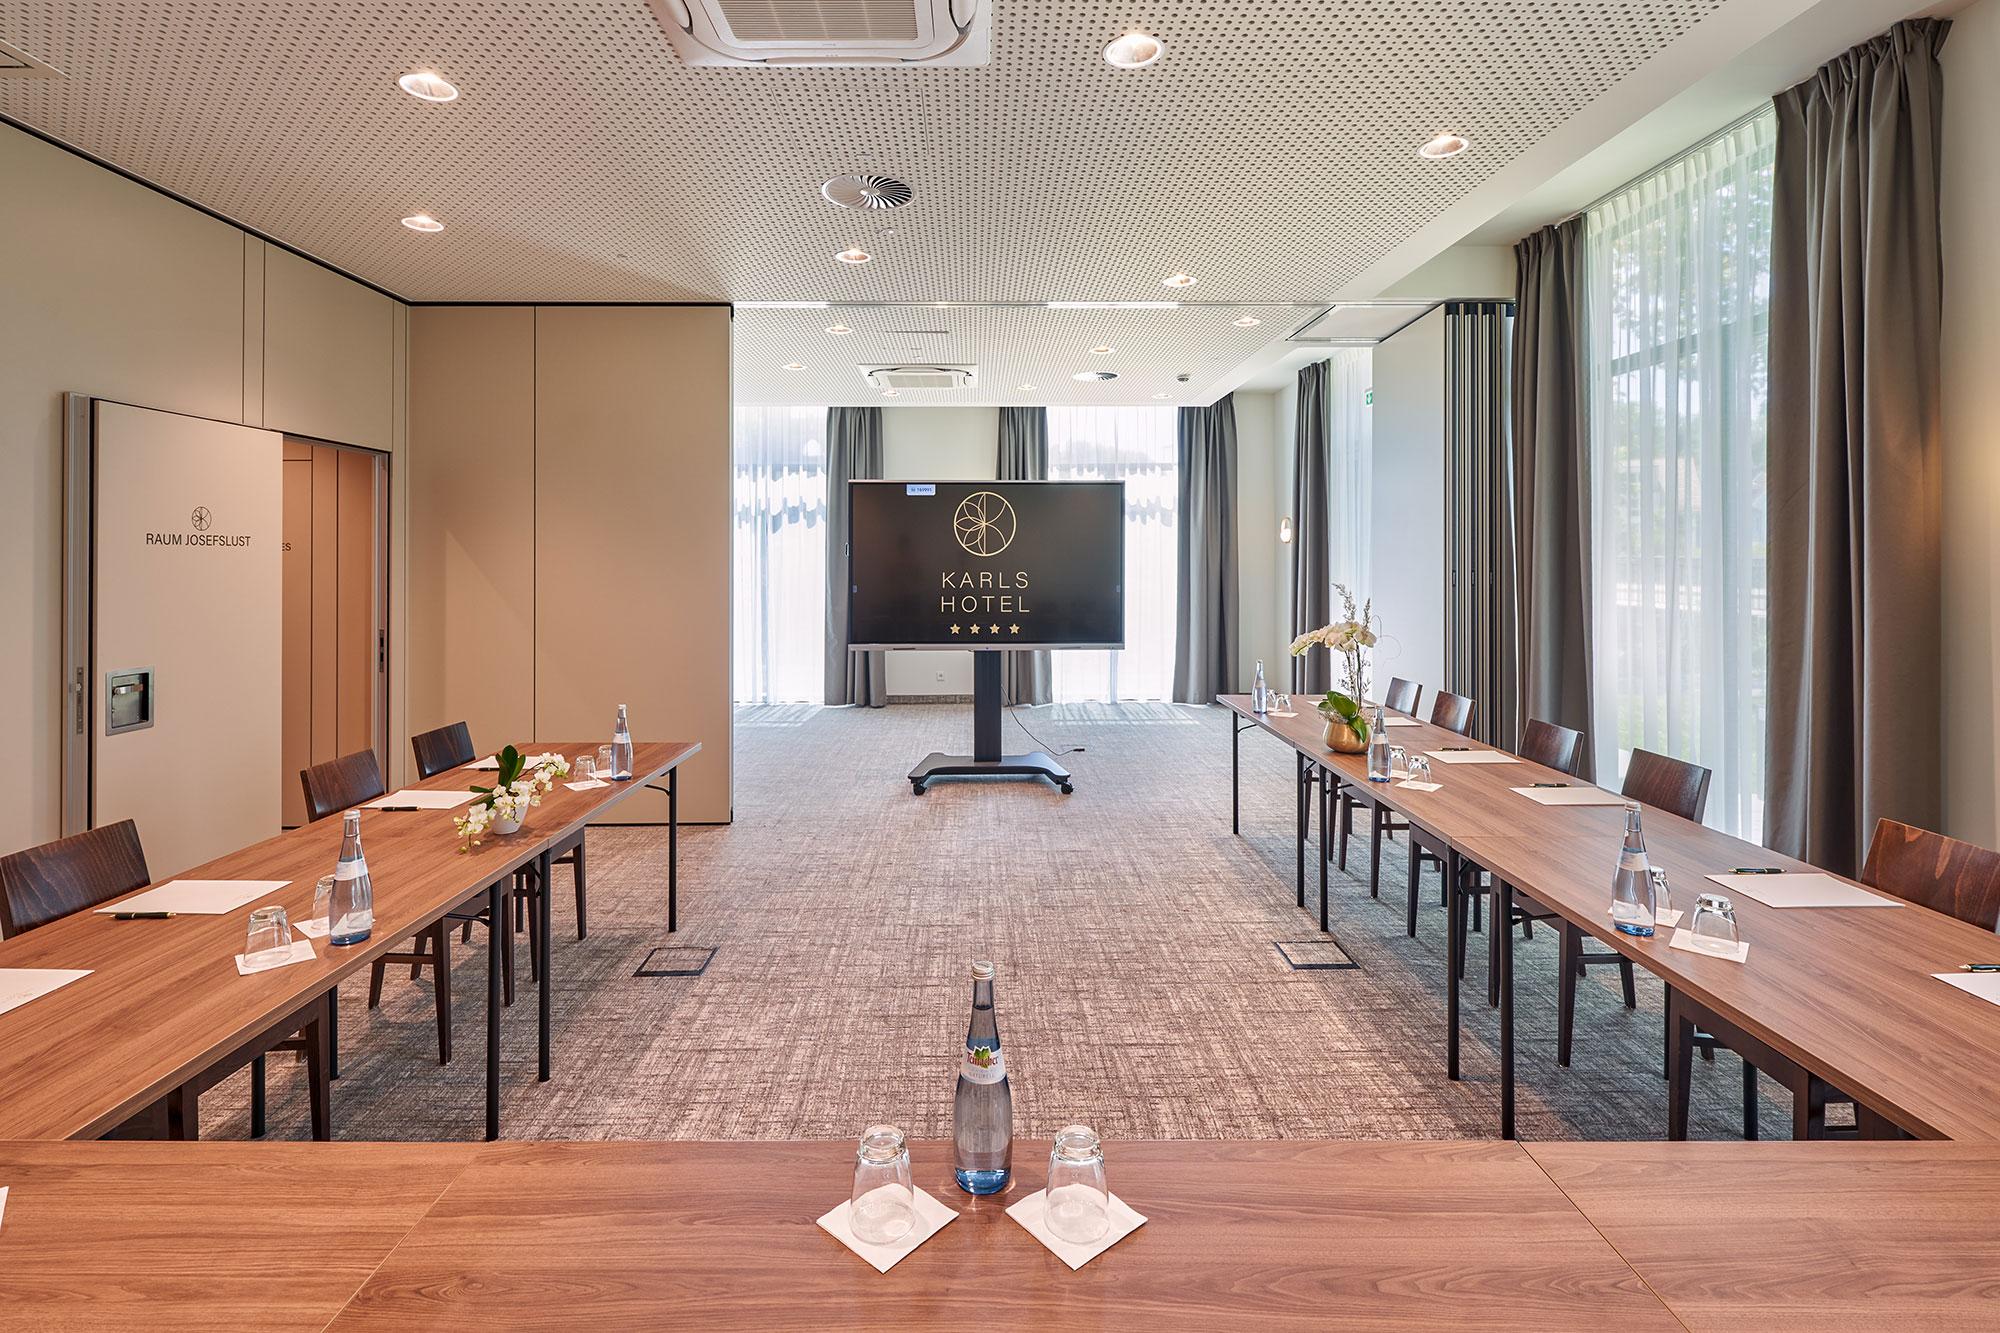 Karls Hotel Sigmaringen Konferenzraum